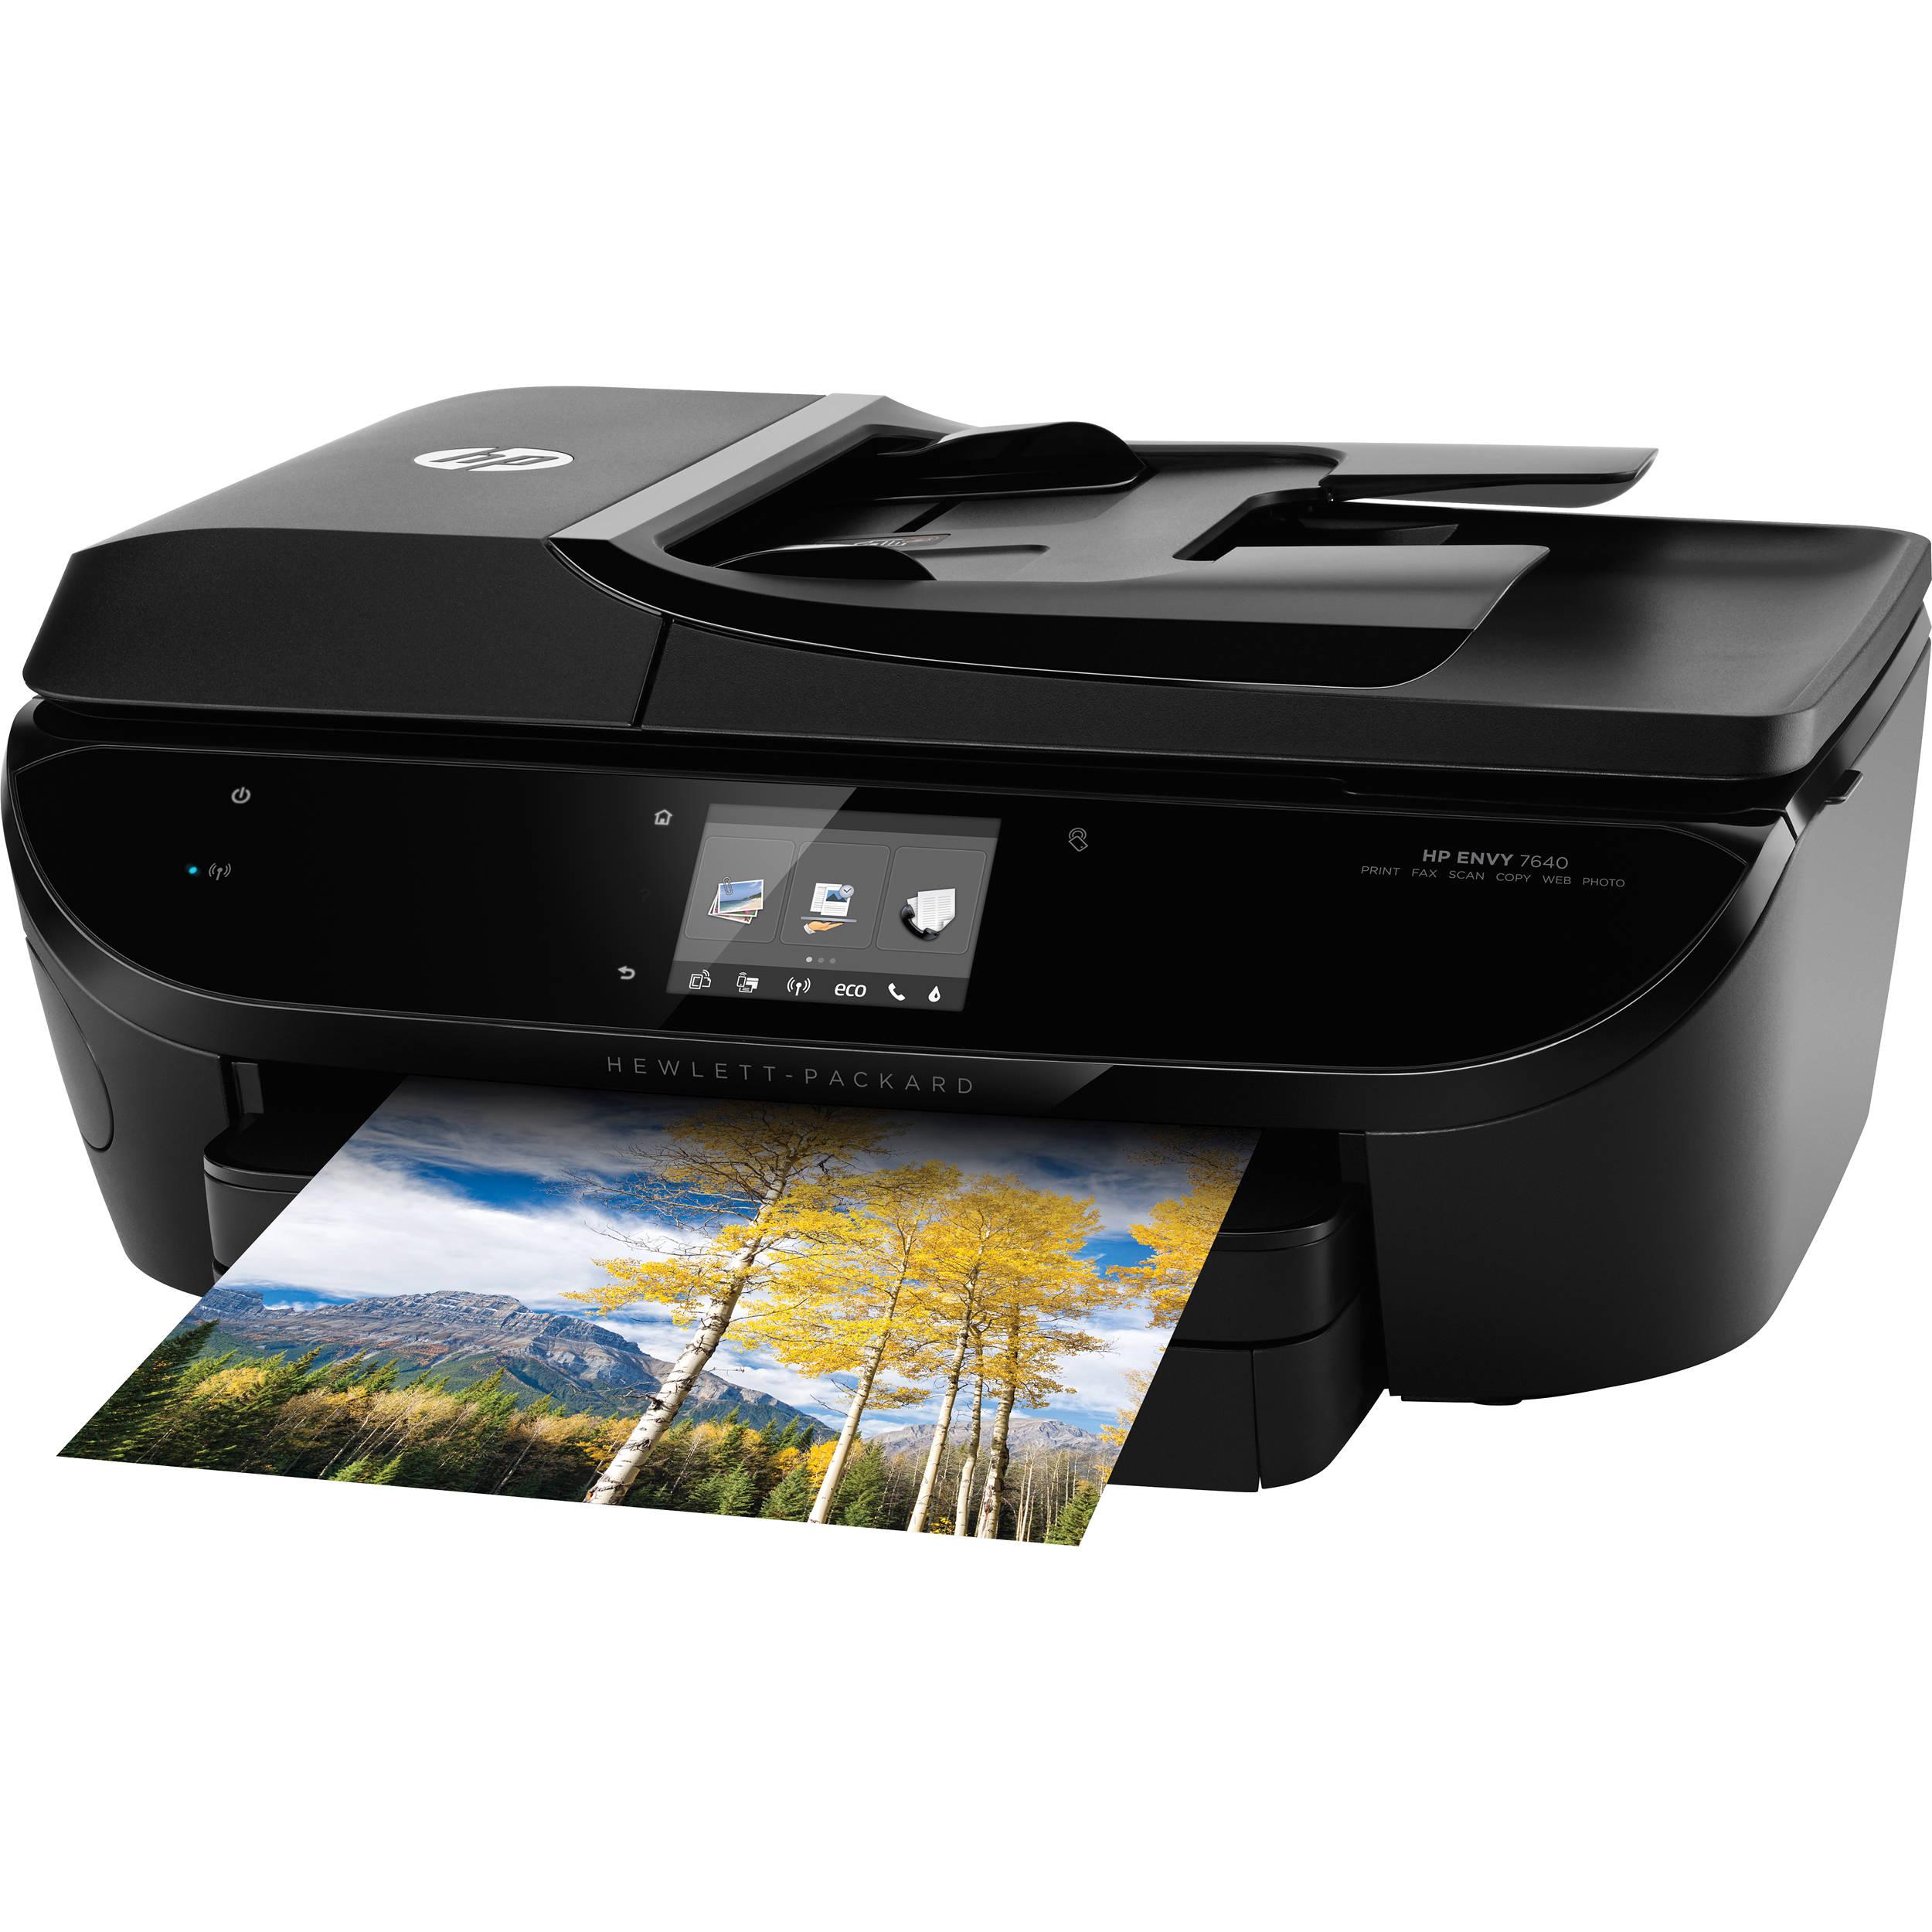 hp envy 7640 e all in one inkjet printer e4w43a b1h b h photo. Black Bedroom Furniture Sets. Home Design Ideas